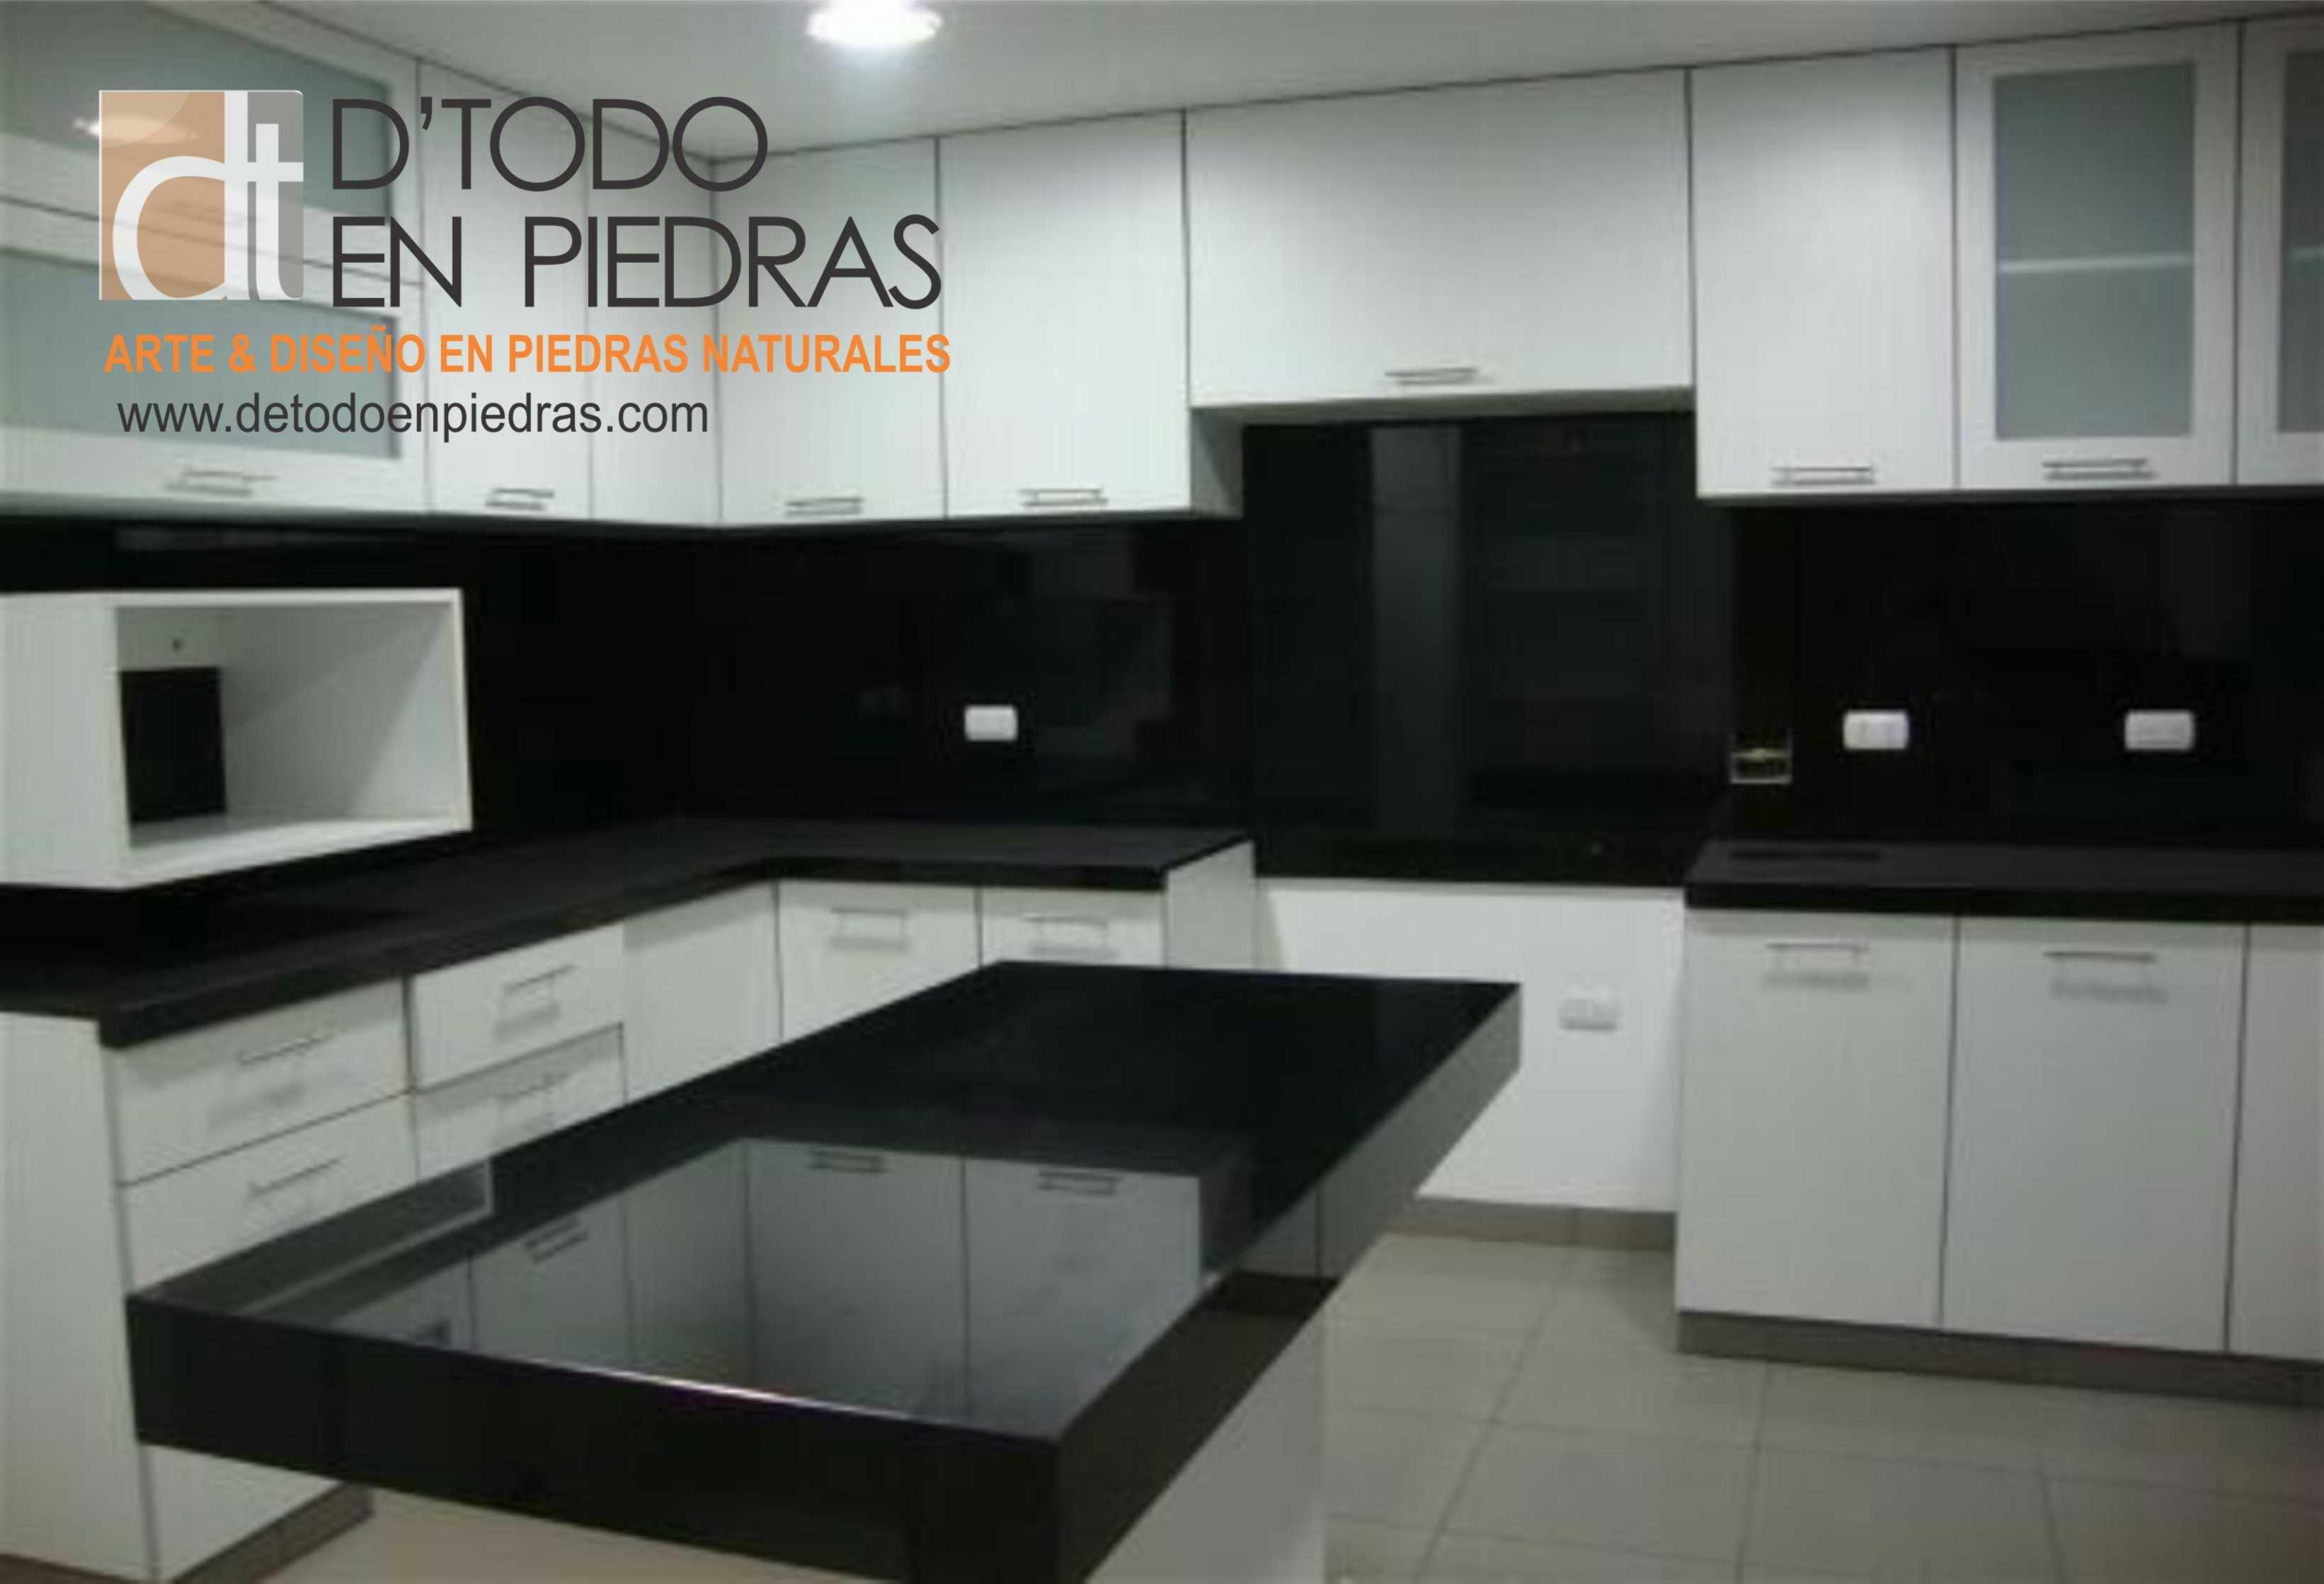 Pin von De Todo en Piedras Diseño y Decoración auf Granito Negro ...